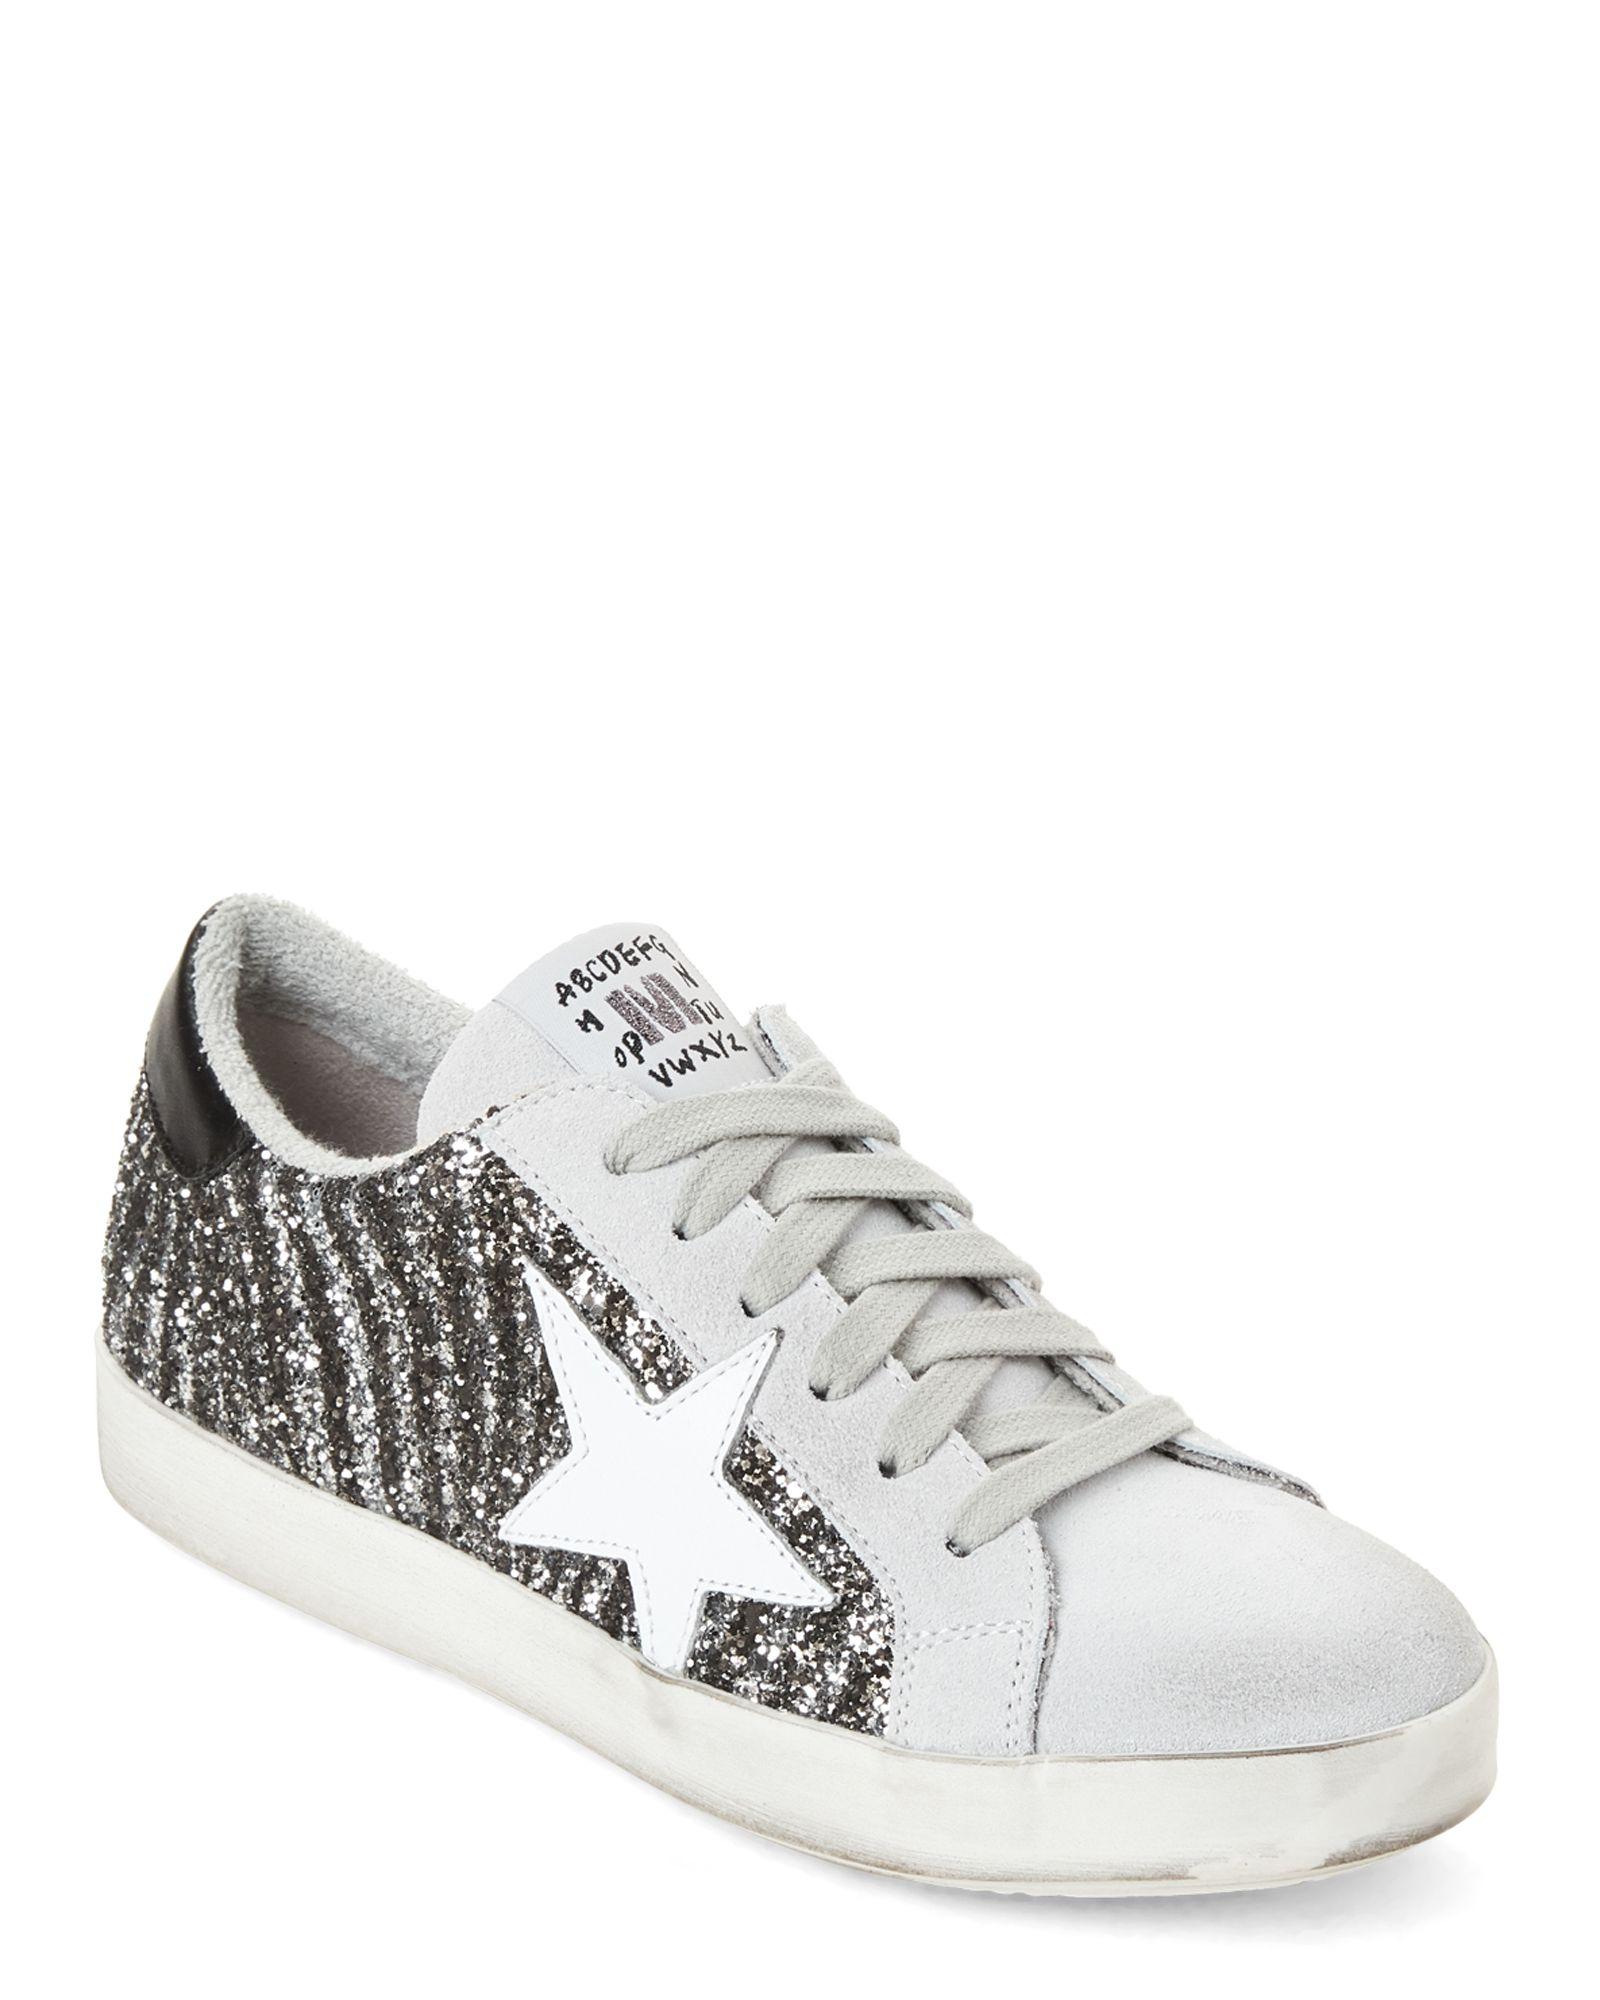 Silver & Grey Glitter Zebra Low Top Sneakers | Sneakers